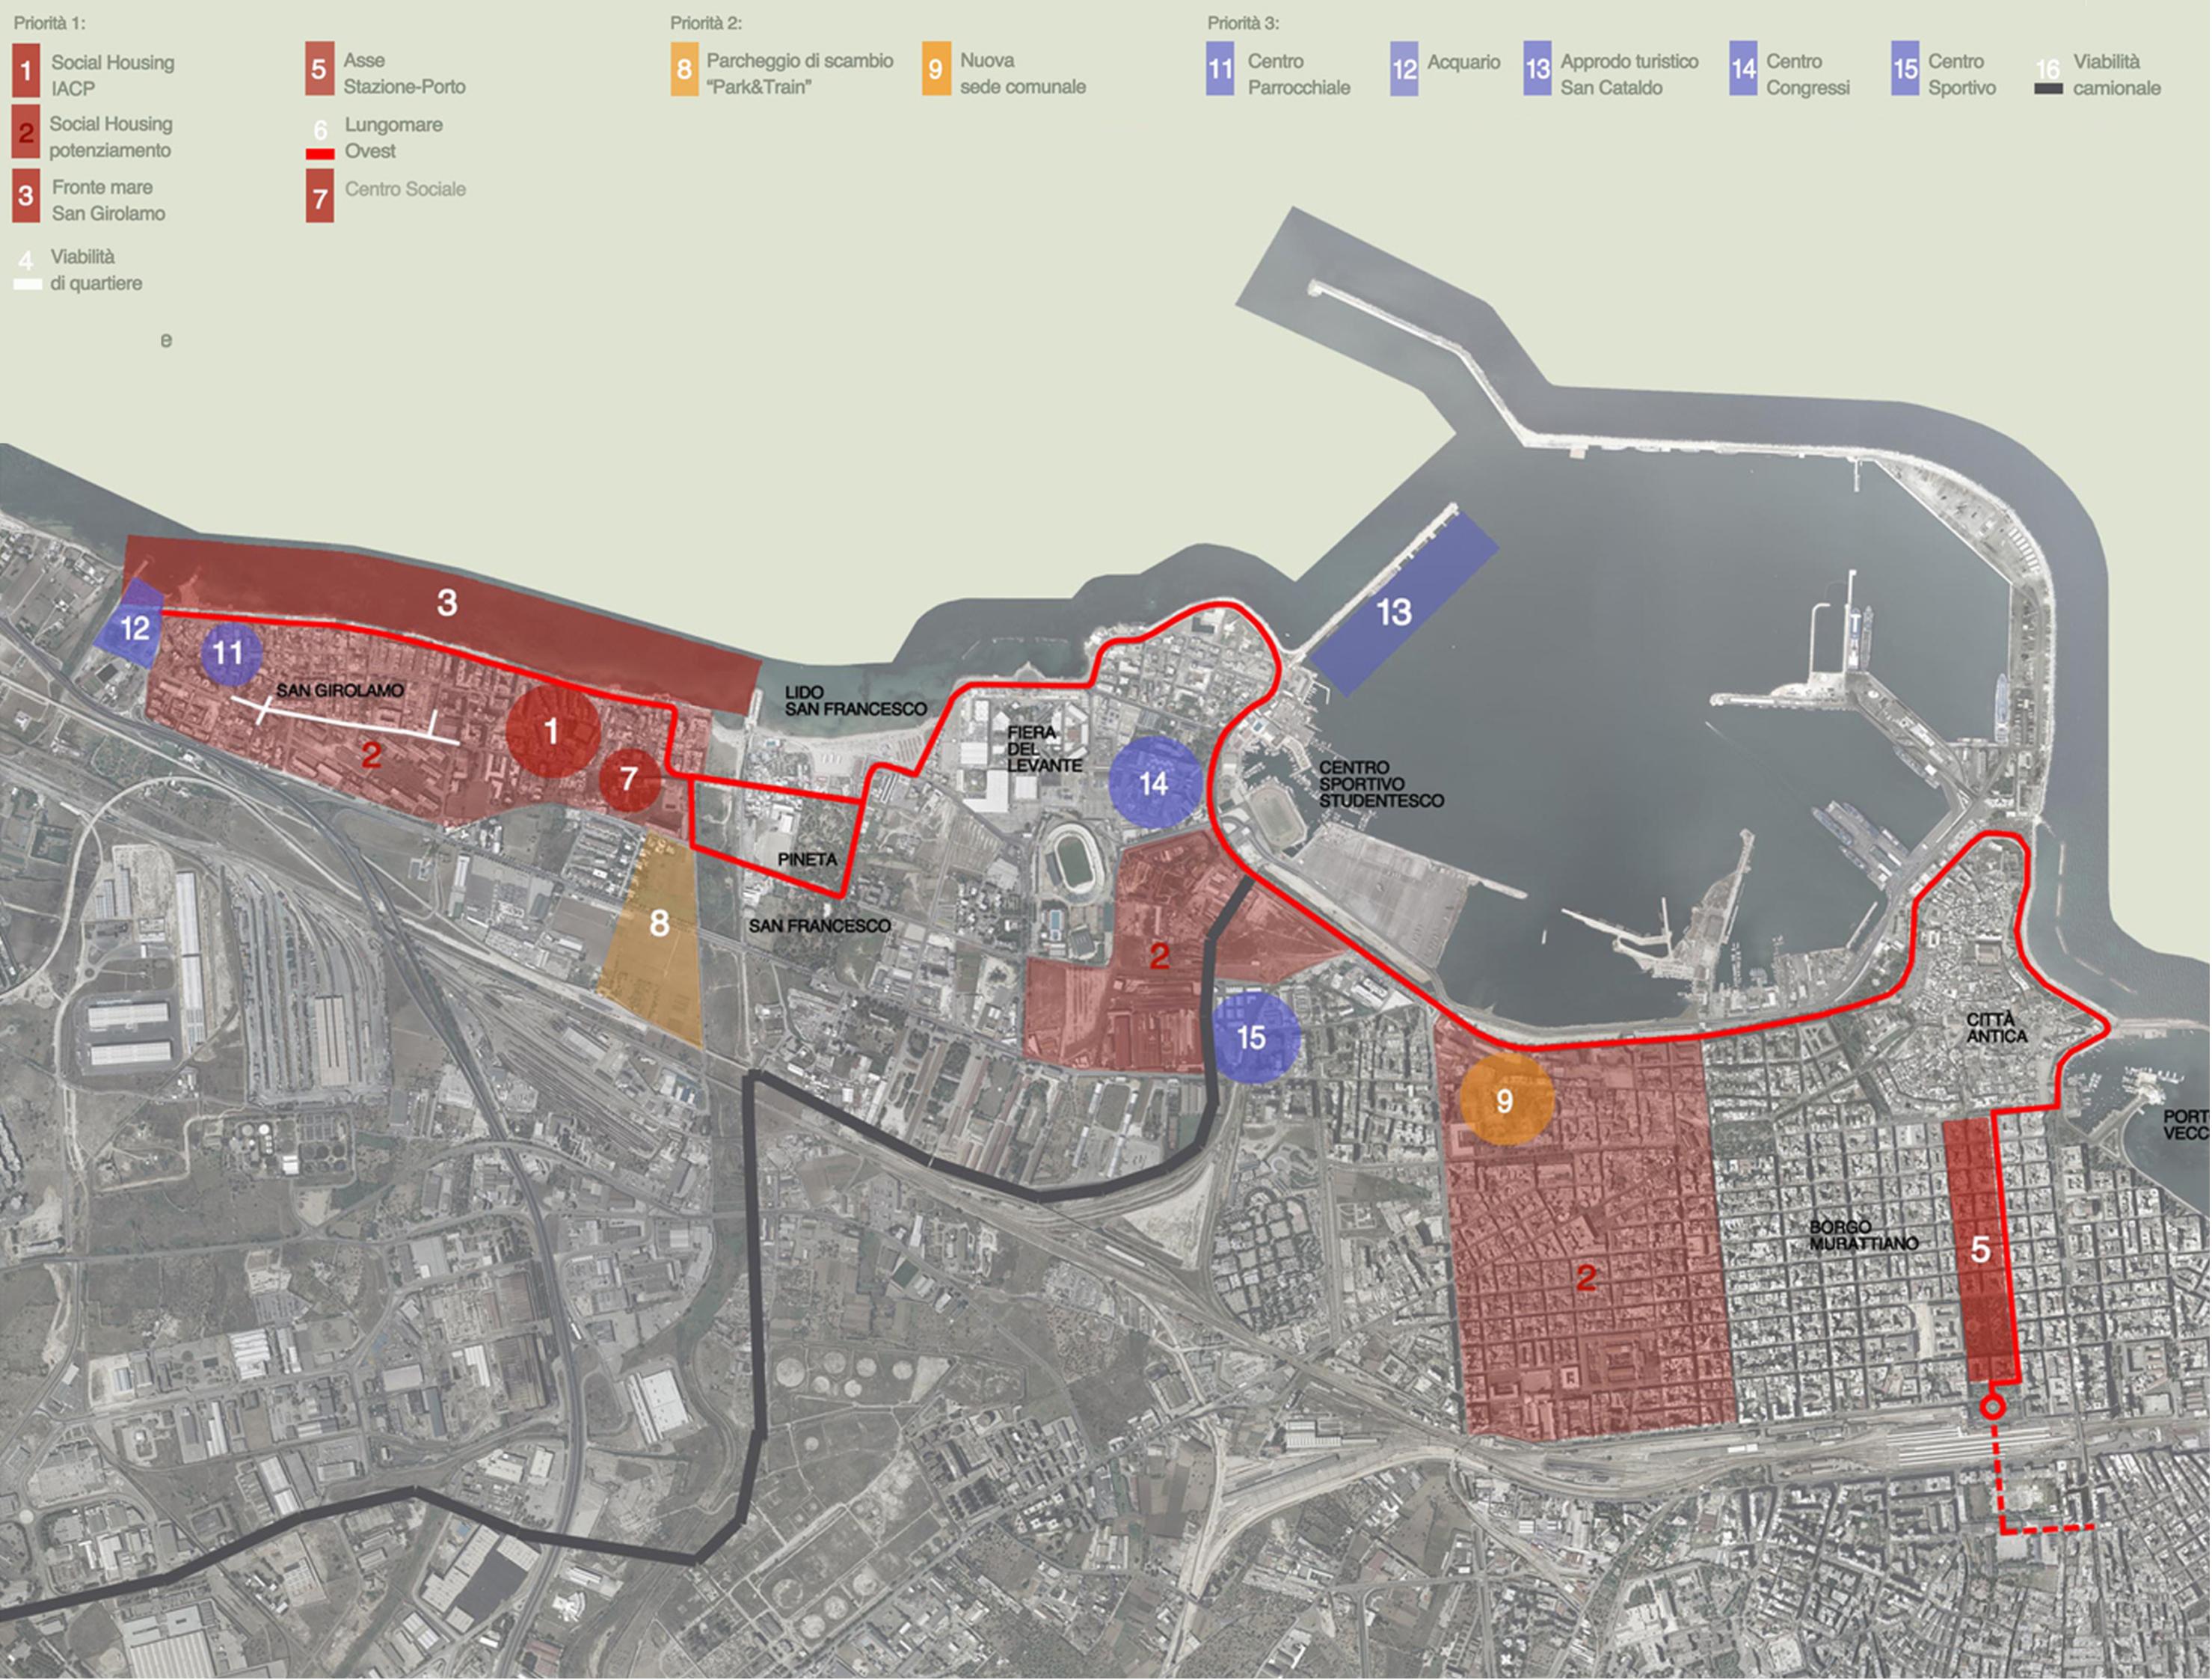 4_aree_di_riqualificazione